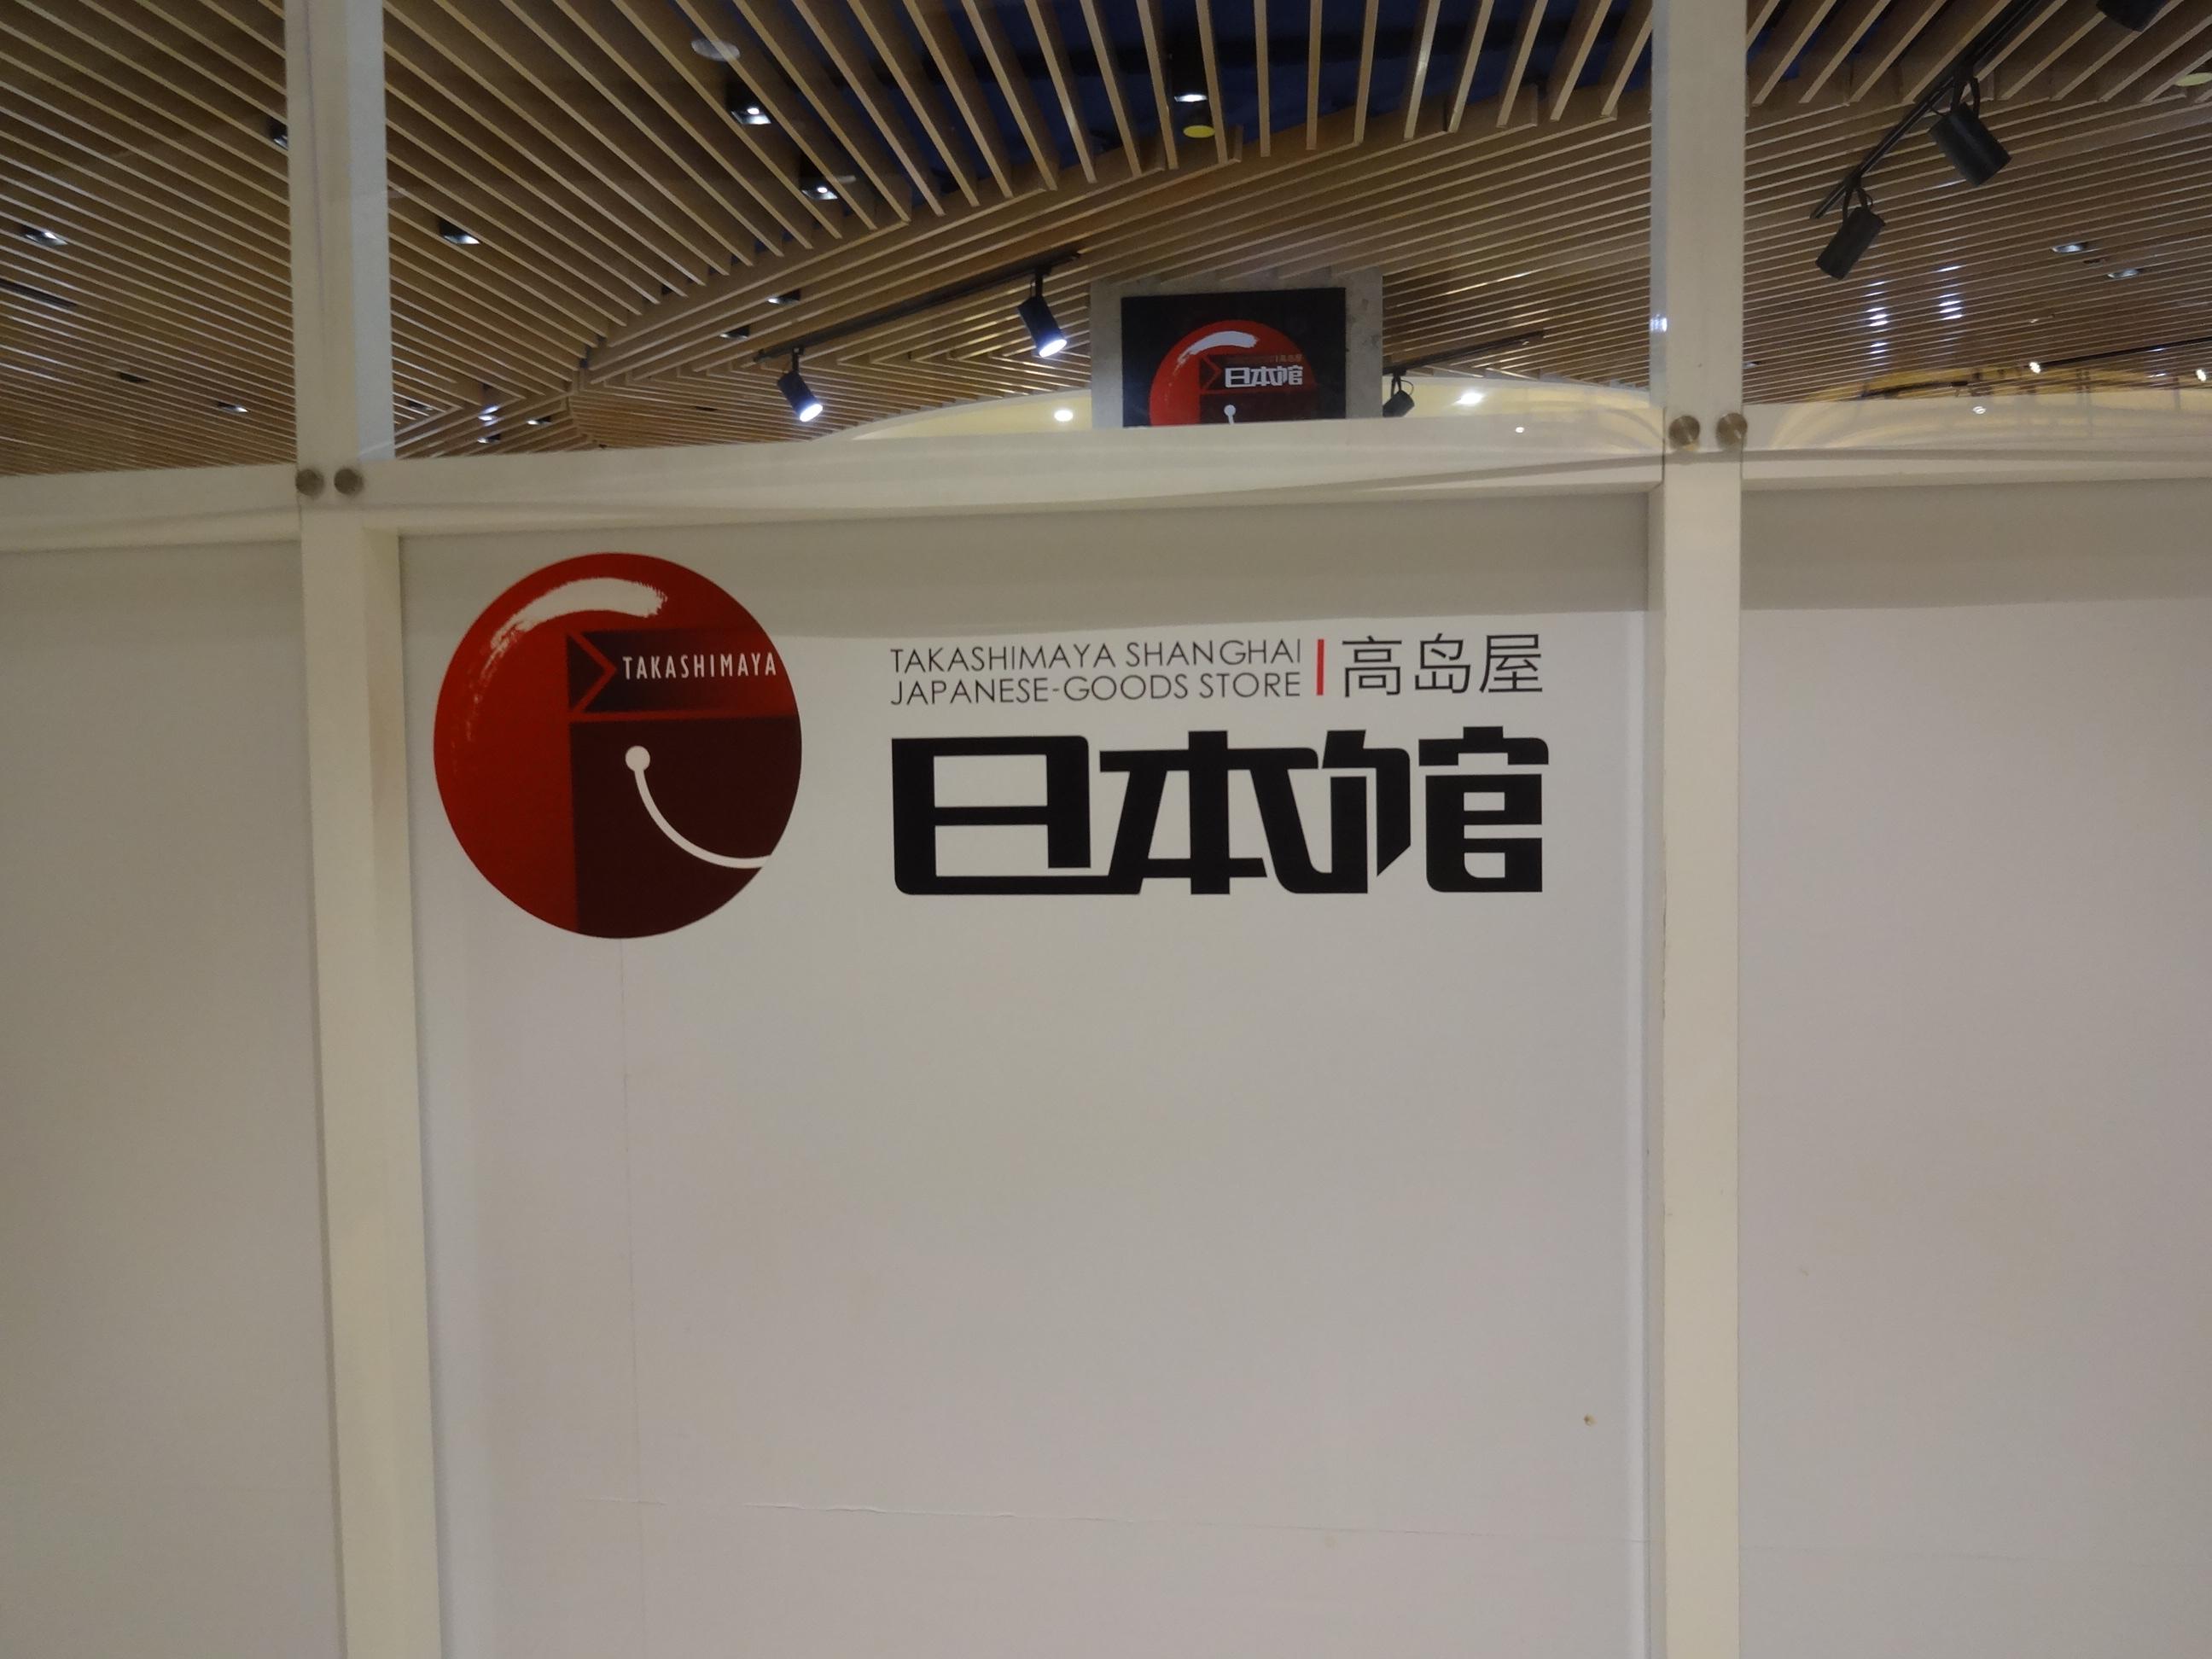 さらなるビジネスチャンスを求め、日系百貨店の中にも日本館が